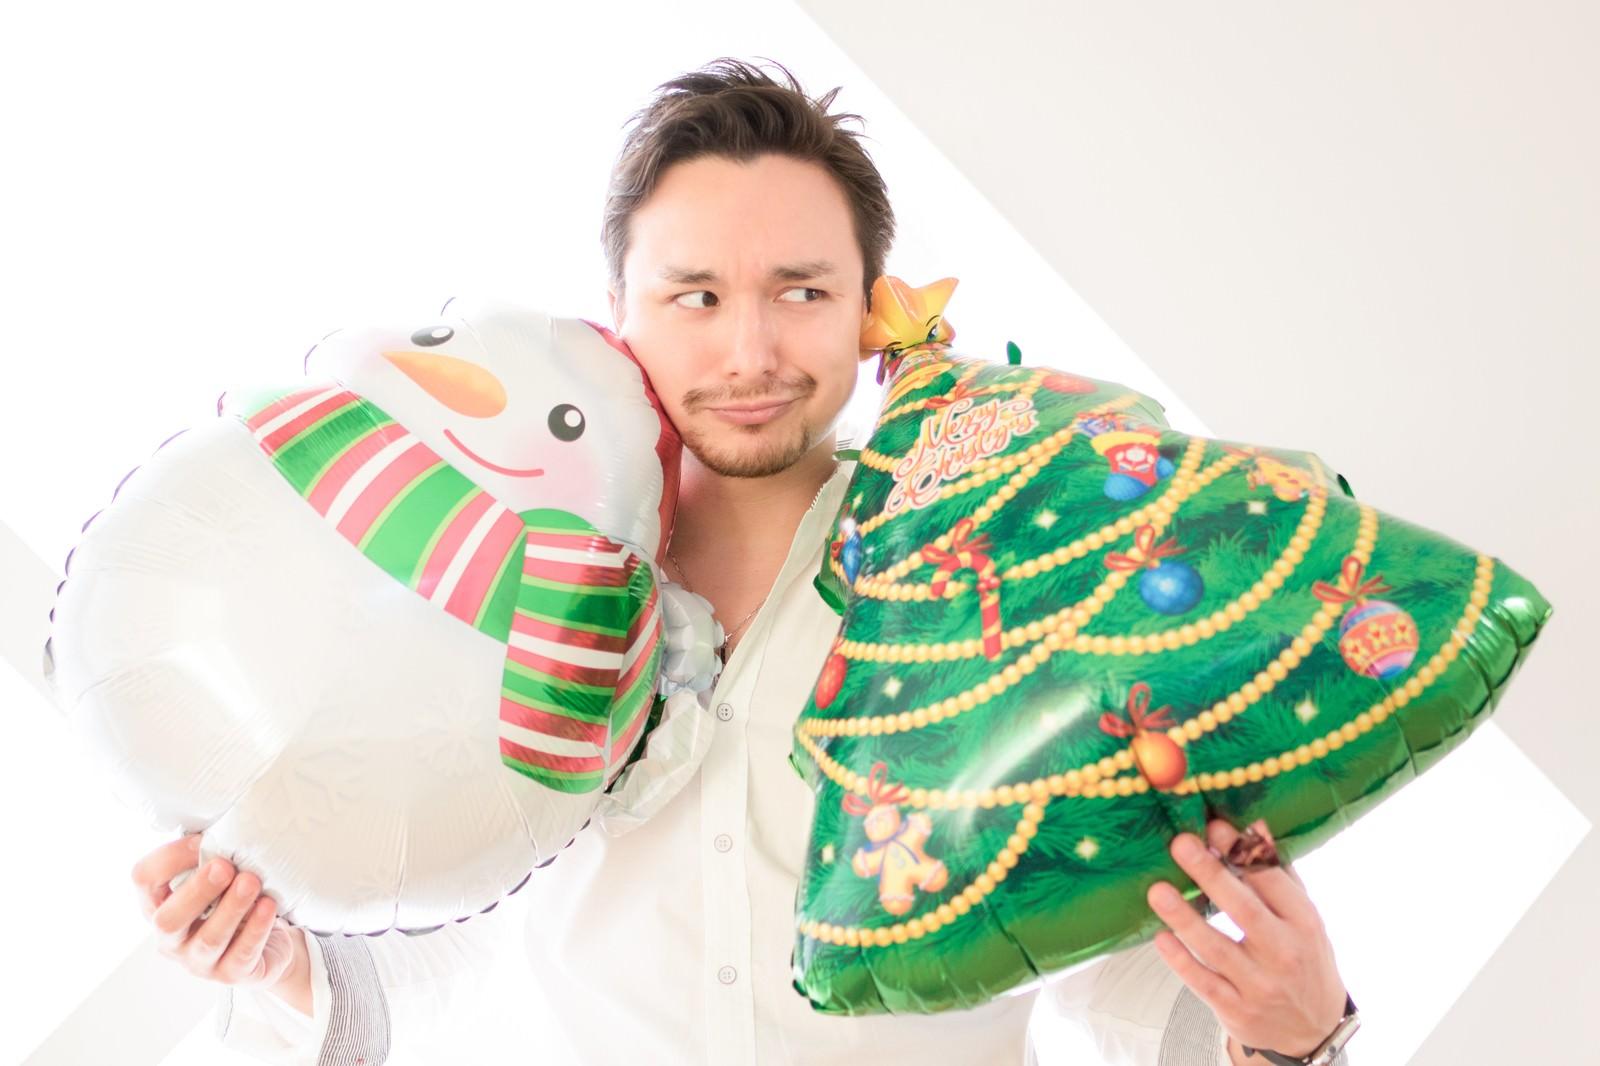 「クリスマス用グッズを購入して雰囲気だけは楽しもうとする独身」の写真[モデル:Max_Ezaki]